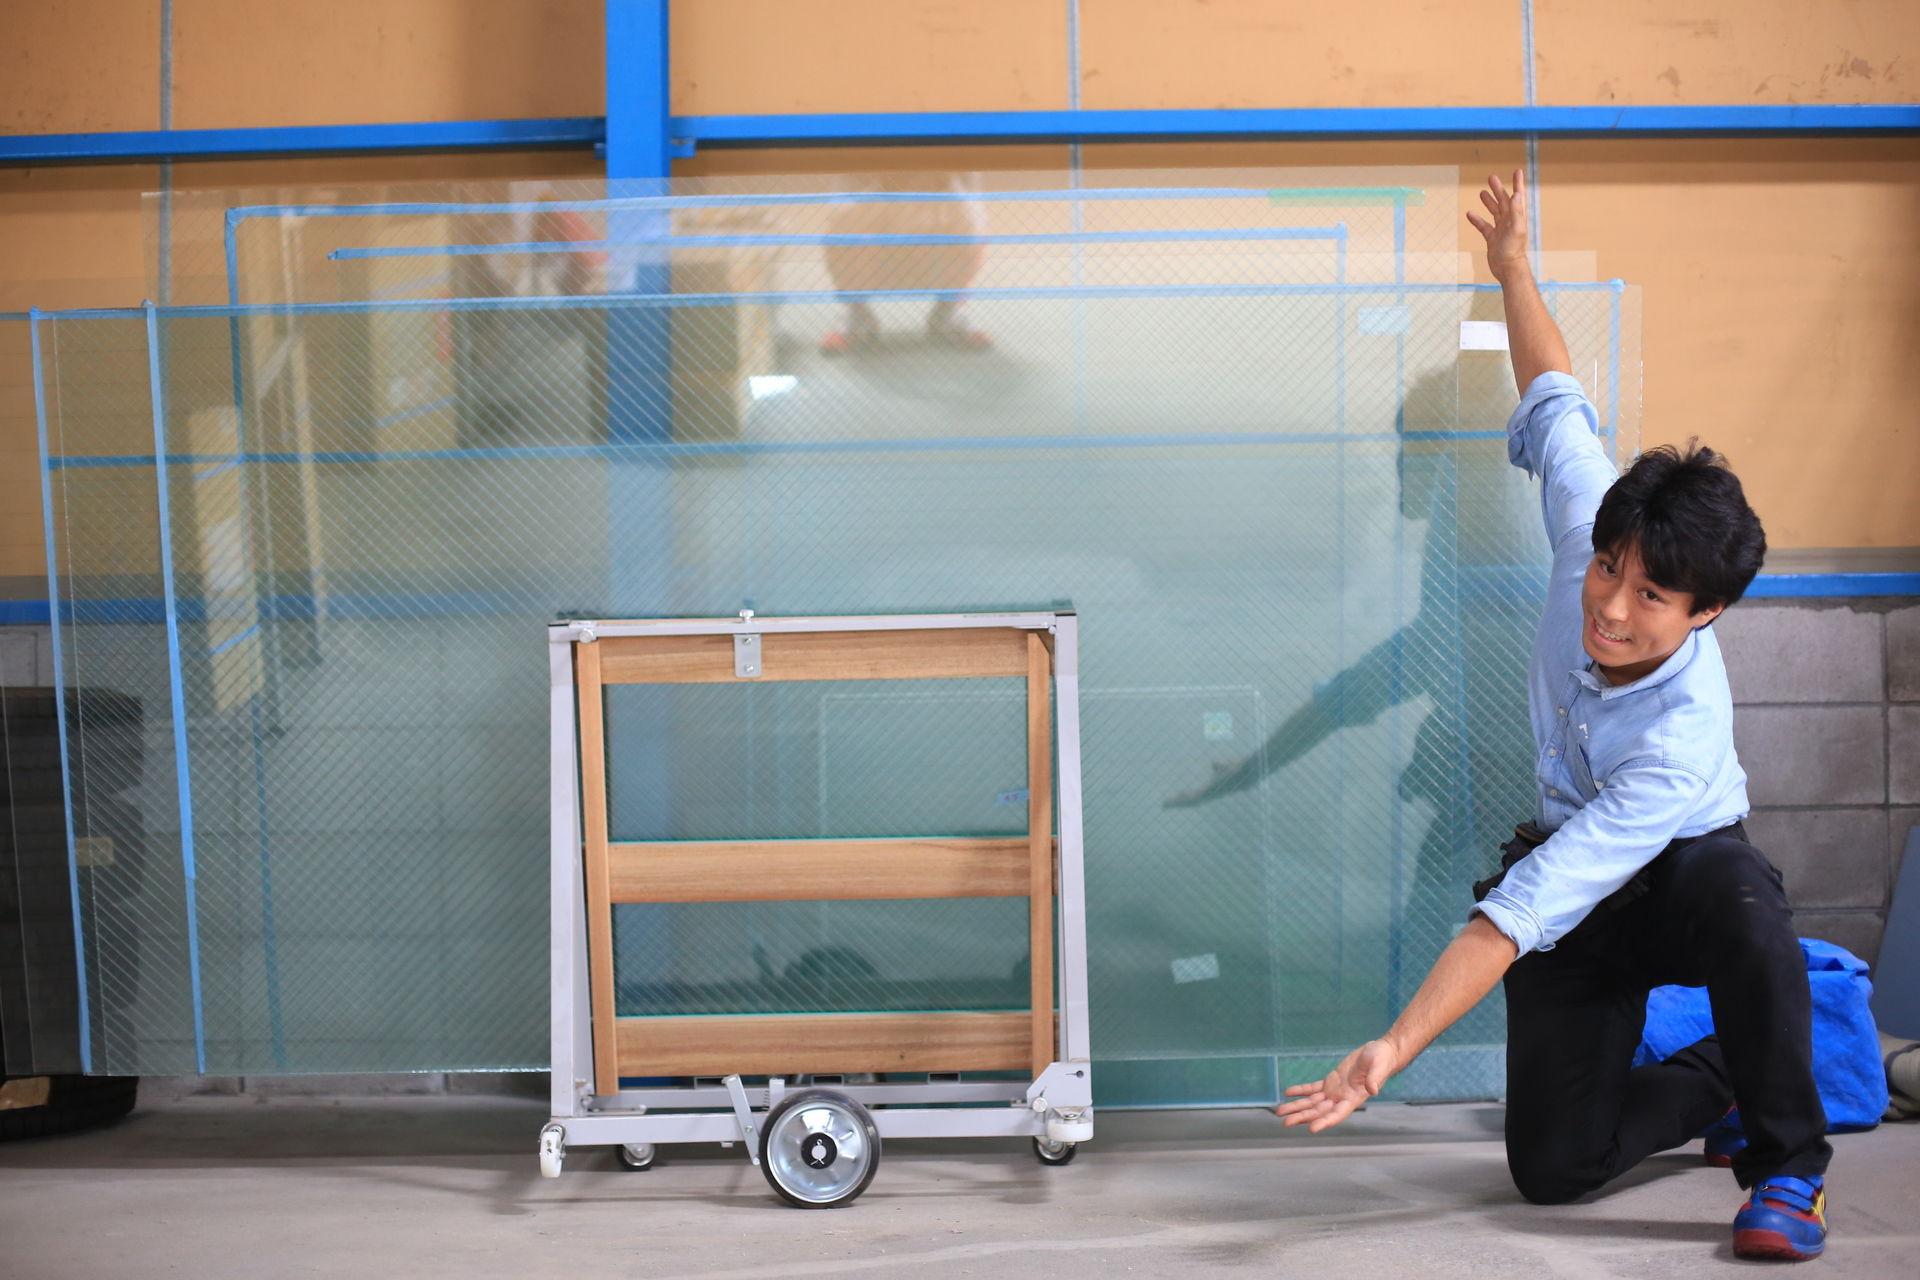 ガラスのトラブル救急車【千葉市美浜区 出張エリア】の店内・外観画像2